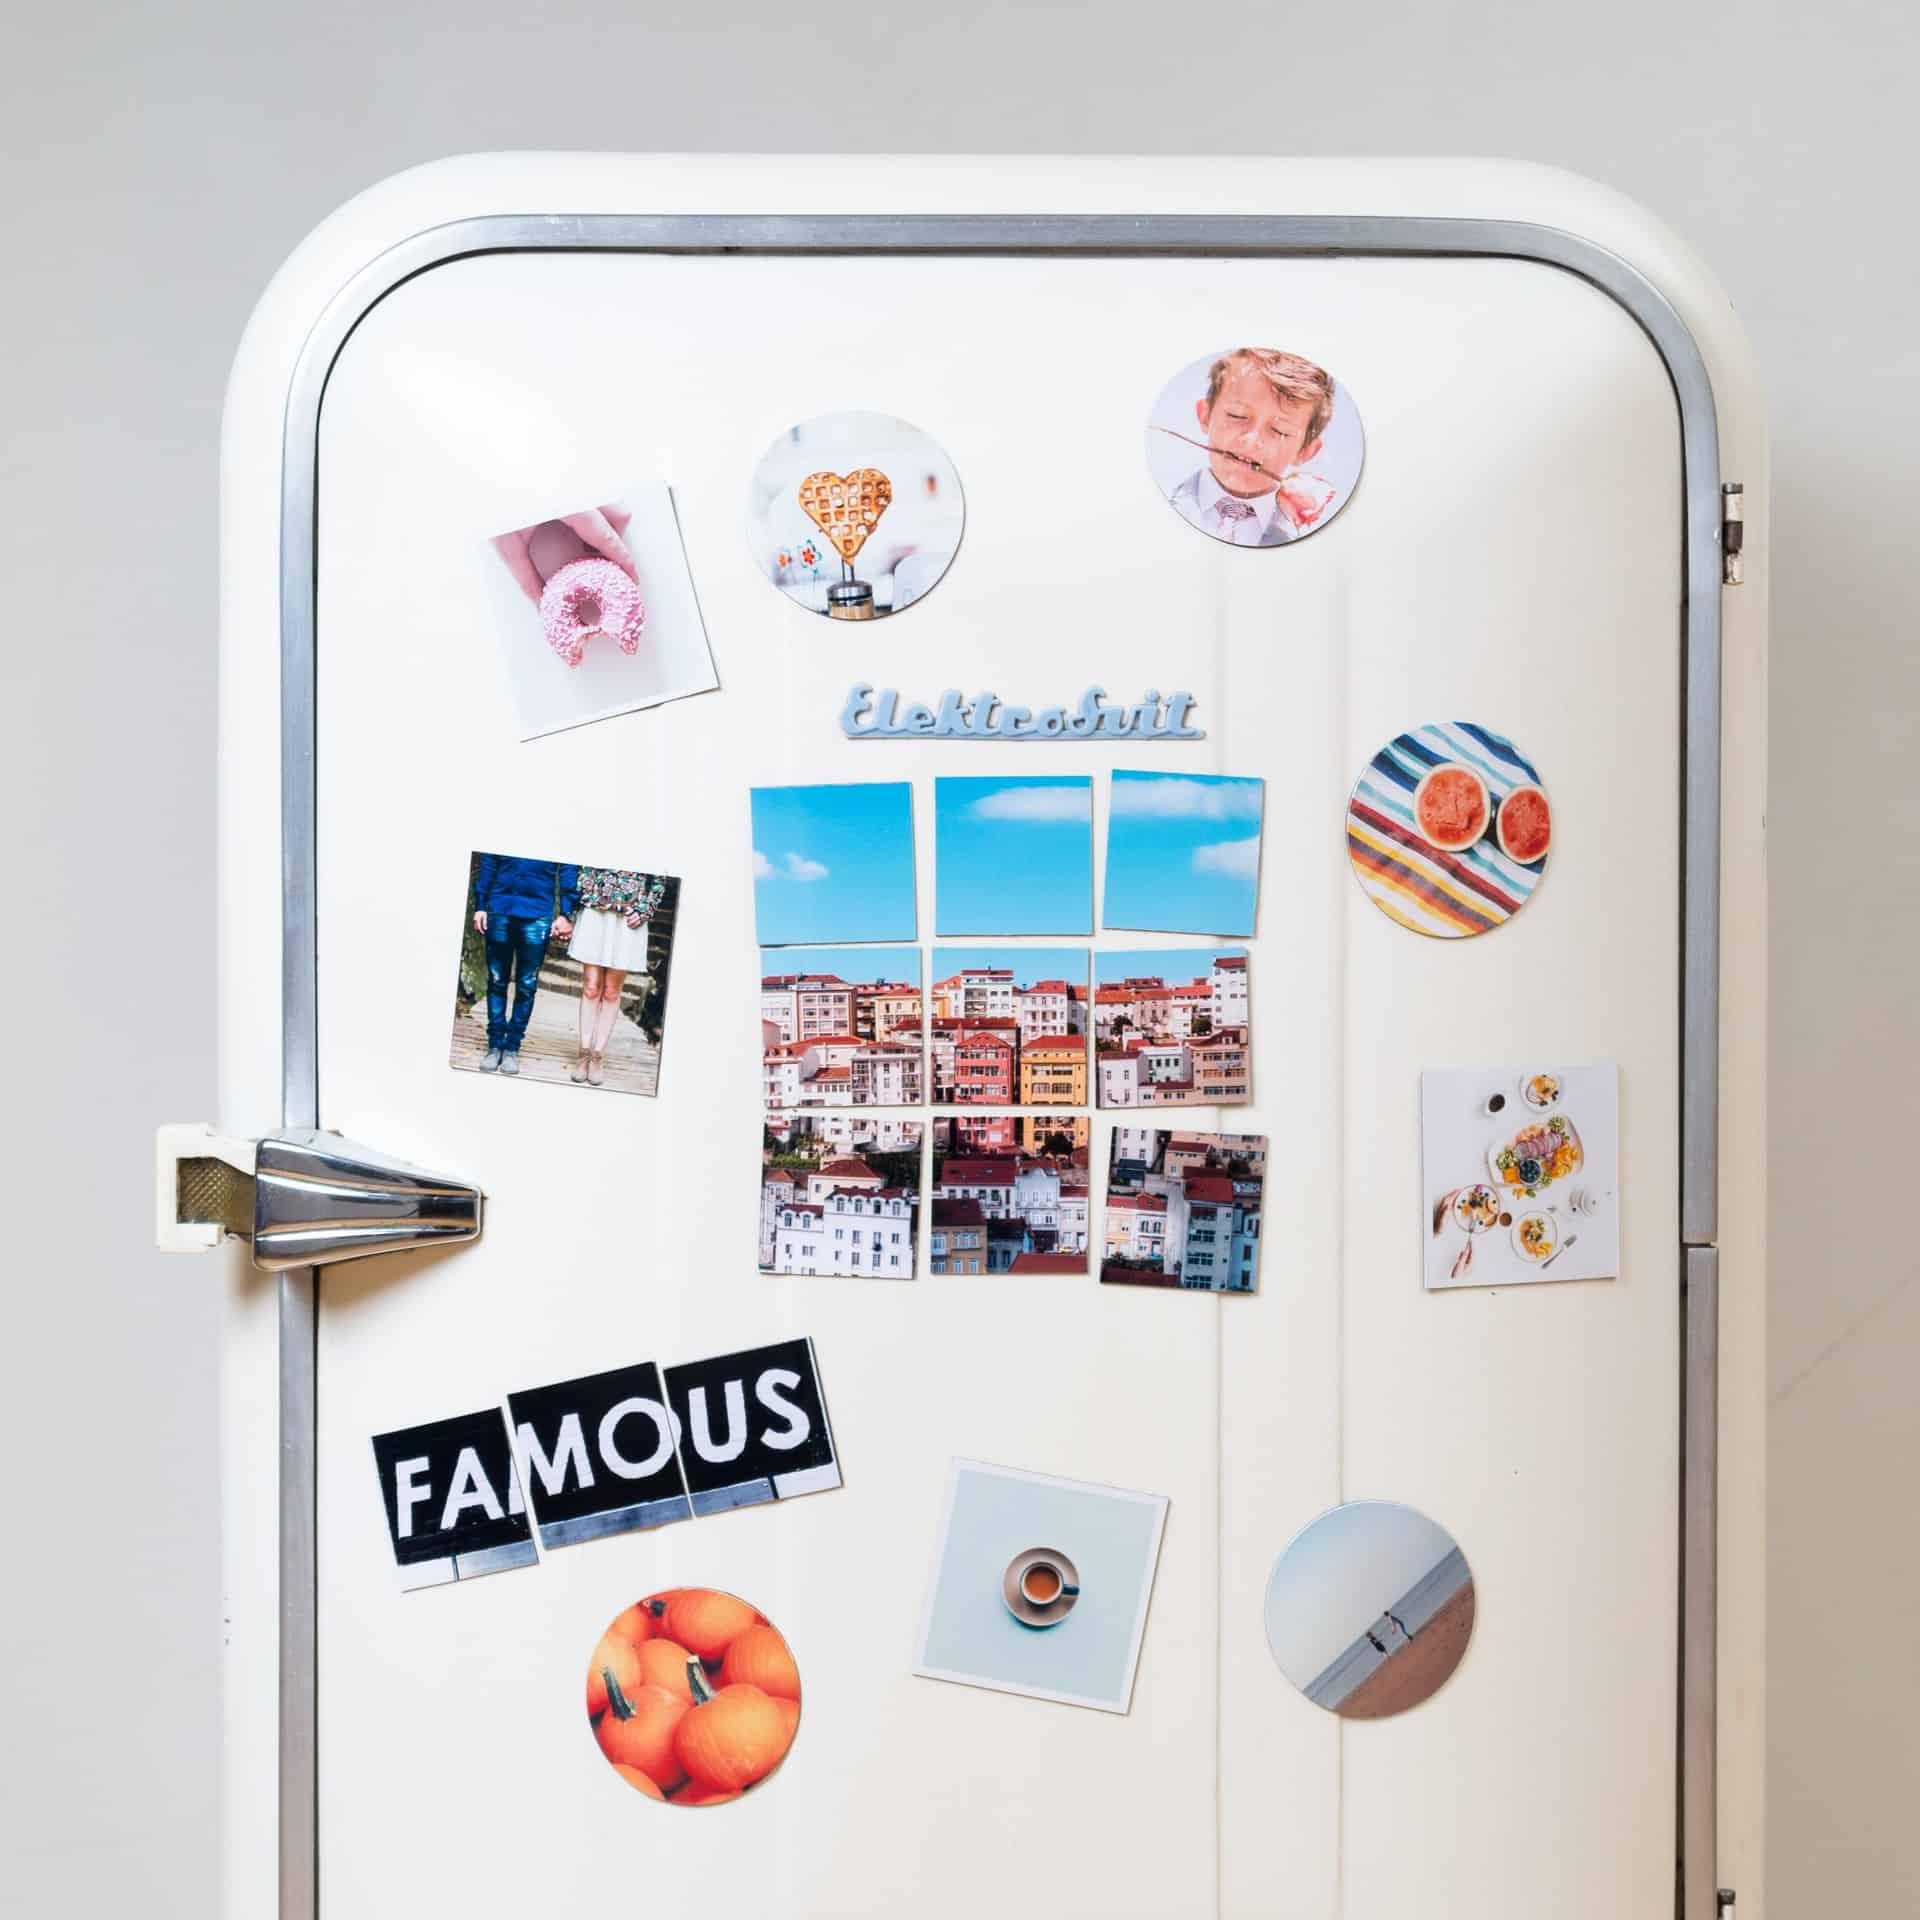 Business Magnets Promotion Header Image